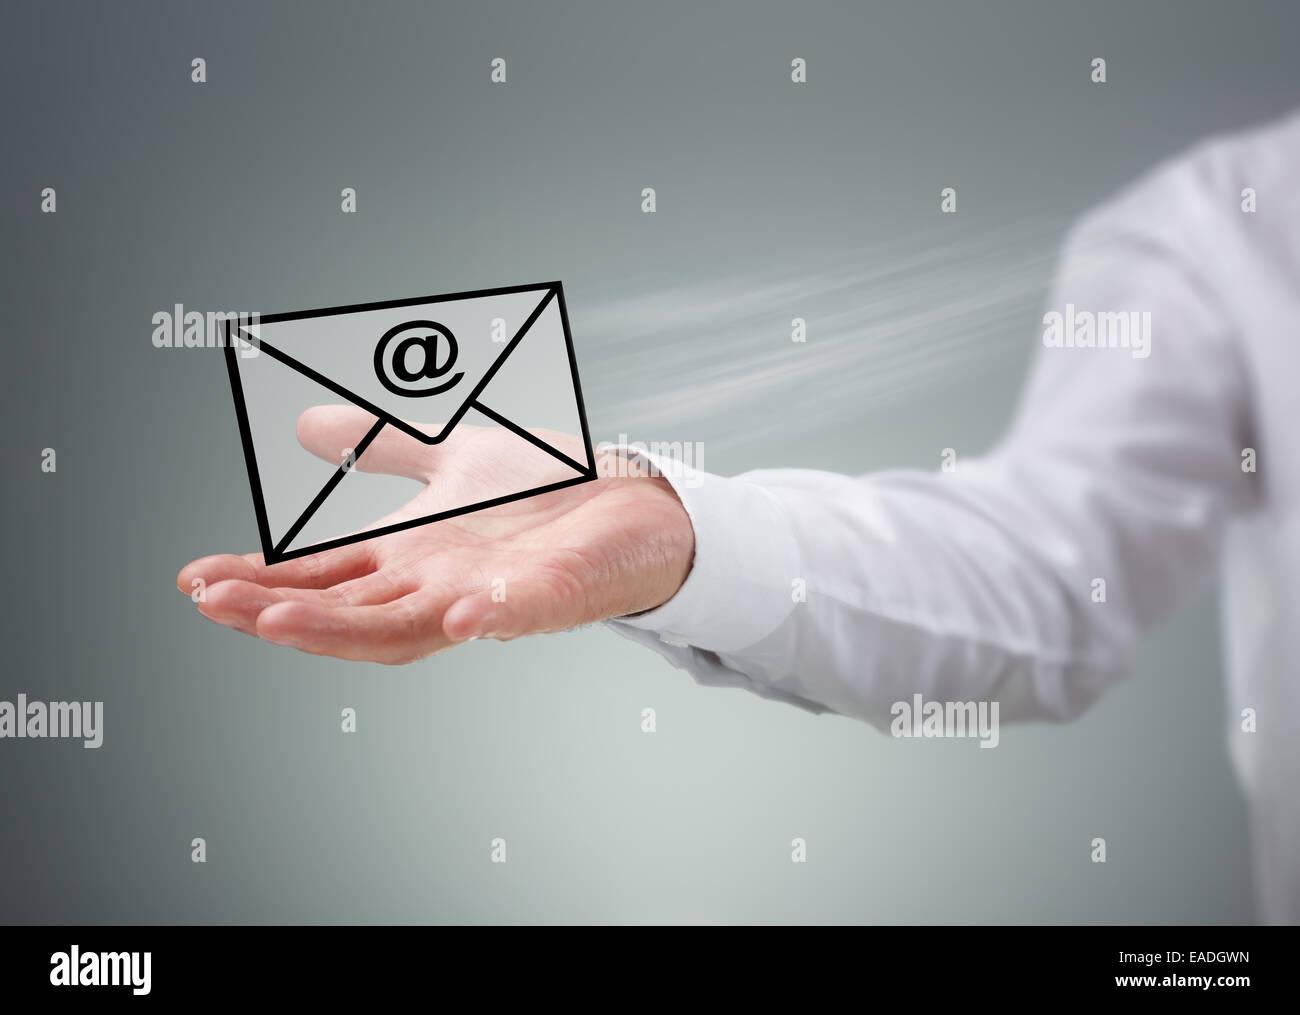 Contattaci via e-mail Foto Stock